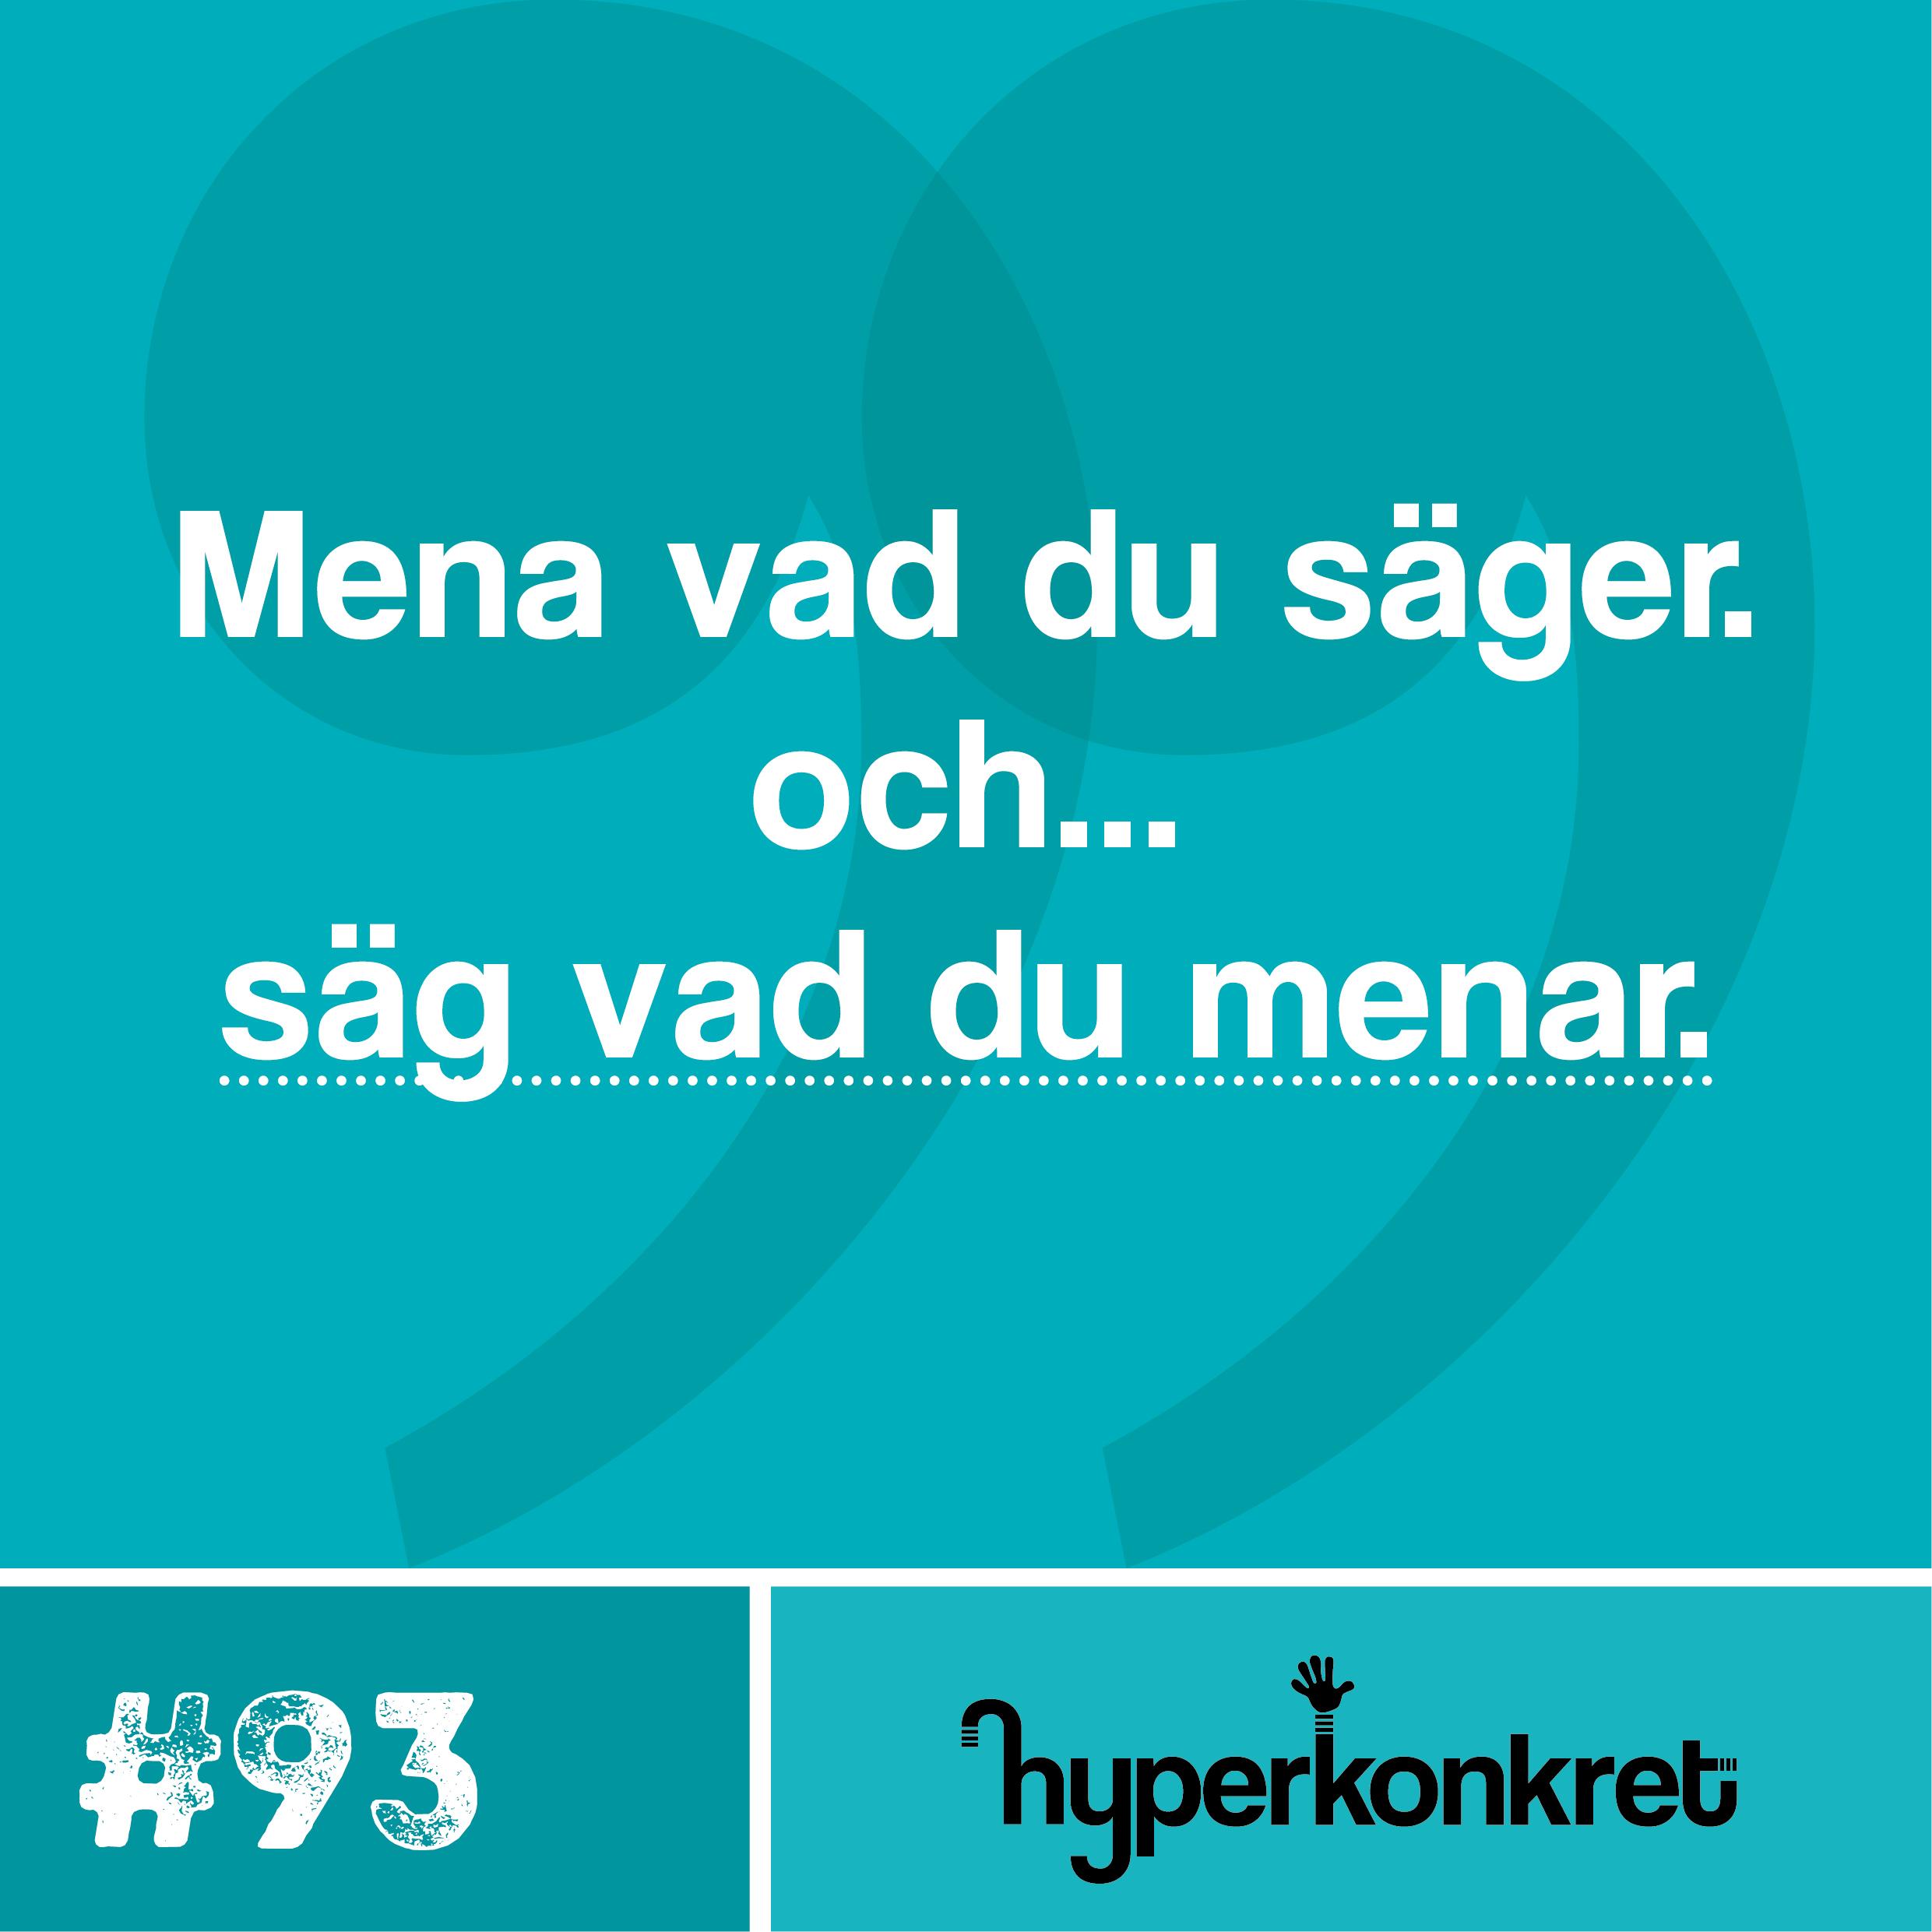 Hypertips #93 – Mena vad du säger och säg vad du menar